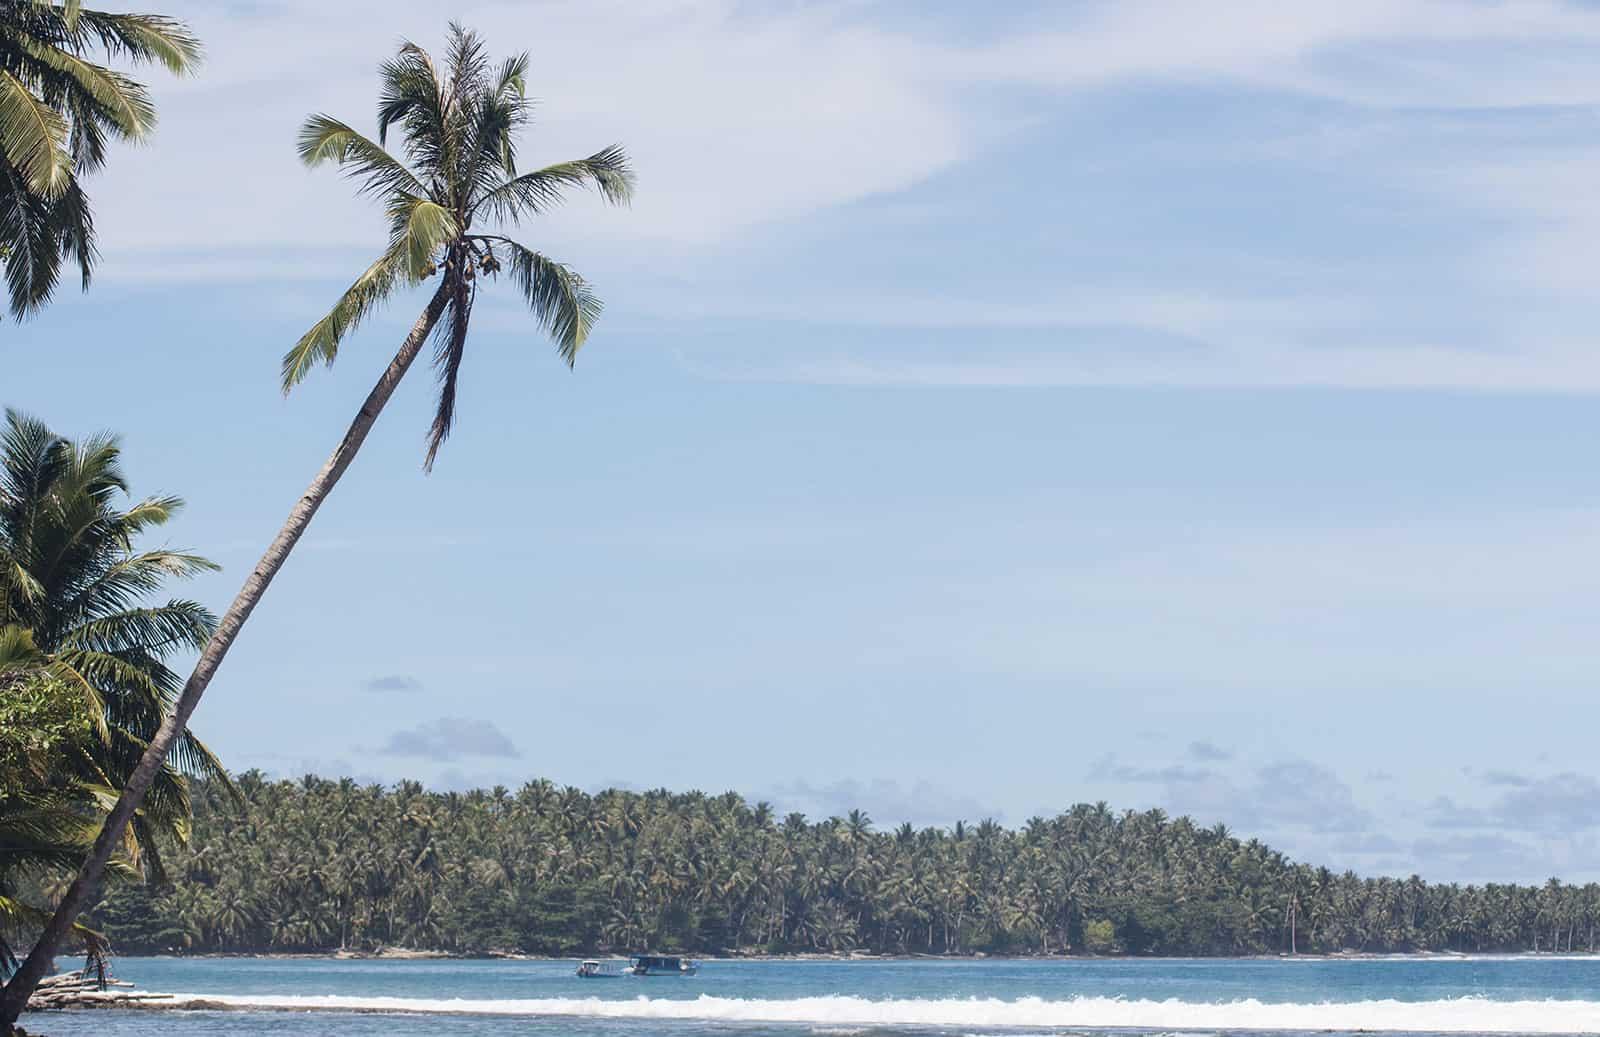 Palm tree views.